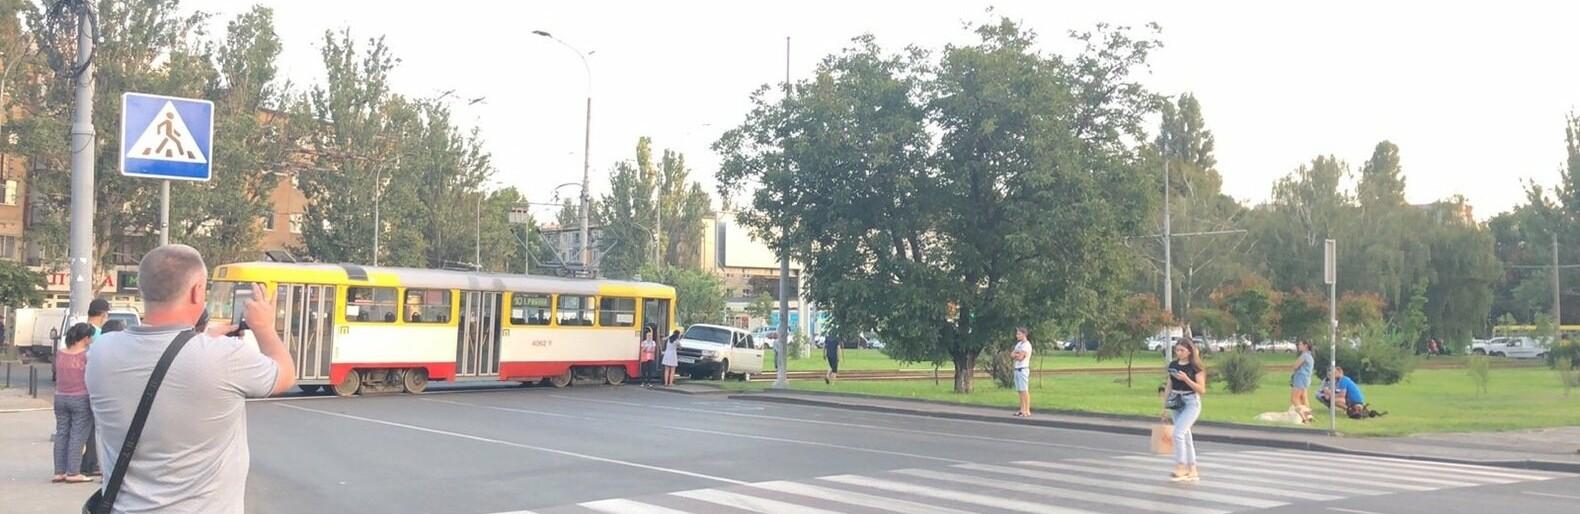 В Одессе трамвай протаранил автомобиль, - ФОТО0